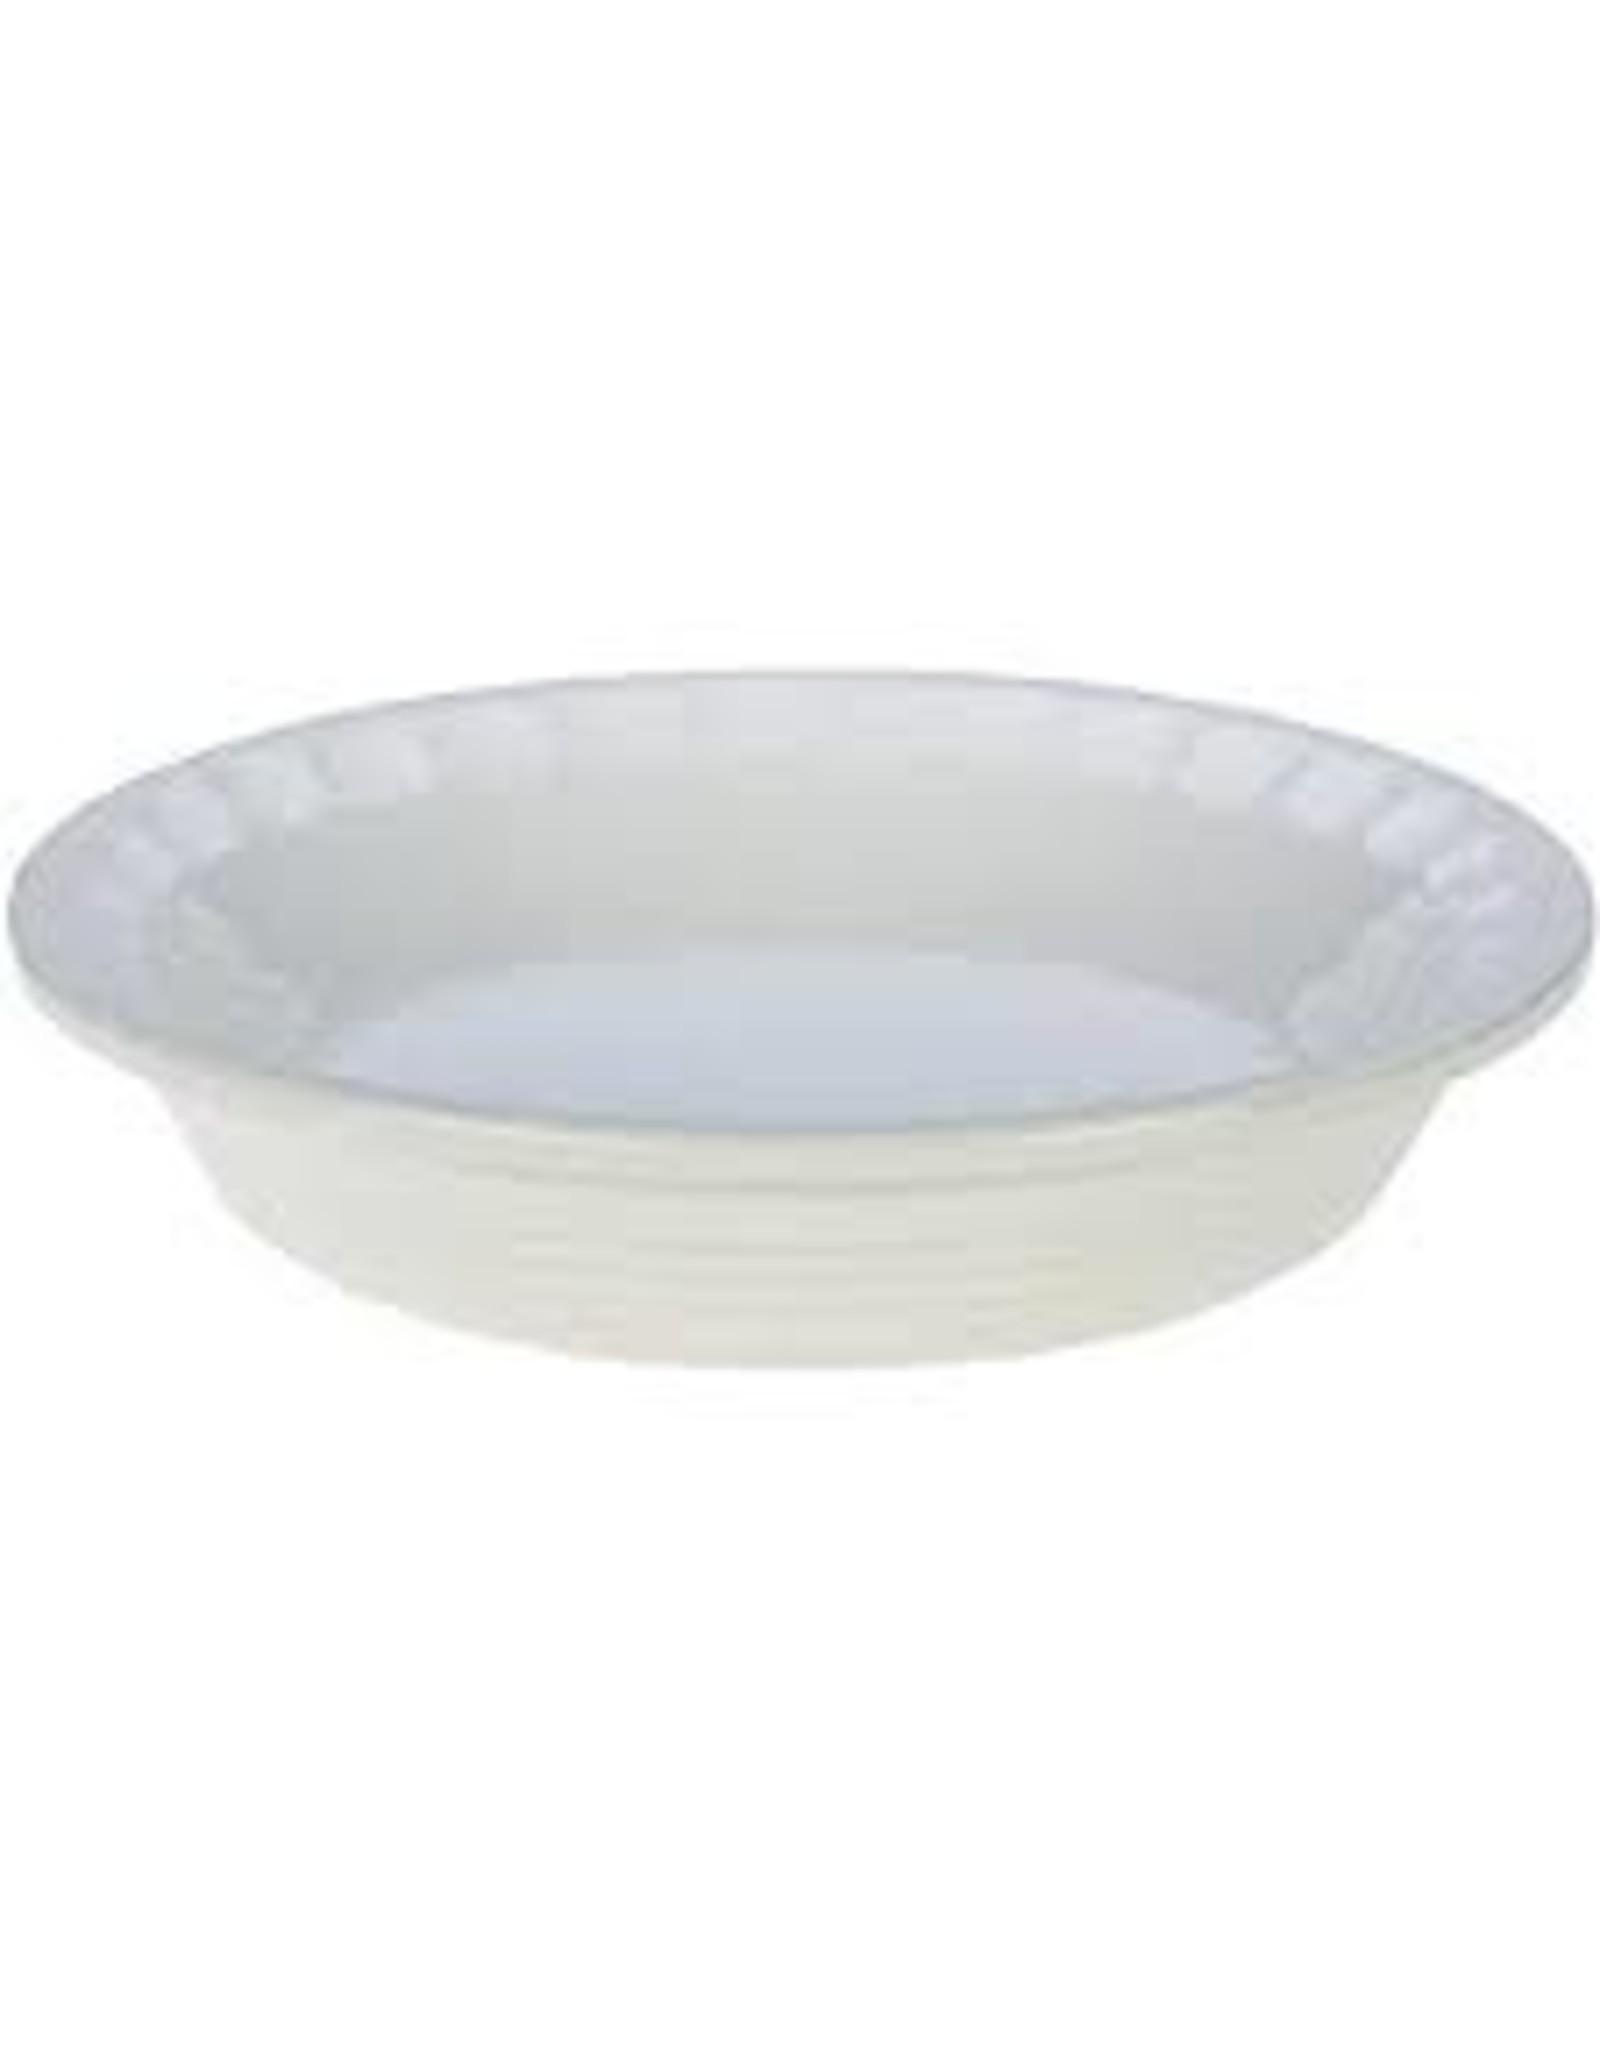 """Le Creuset Le Creuset 9"""" Heritage Pie Dish White"""